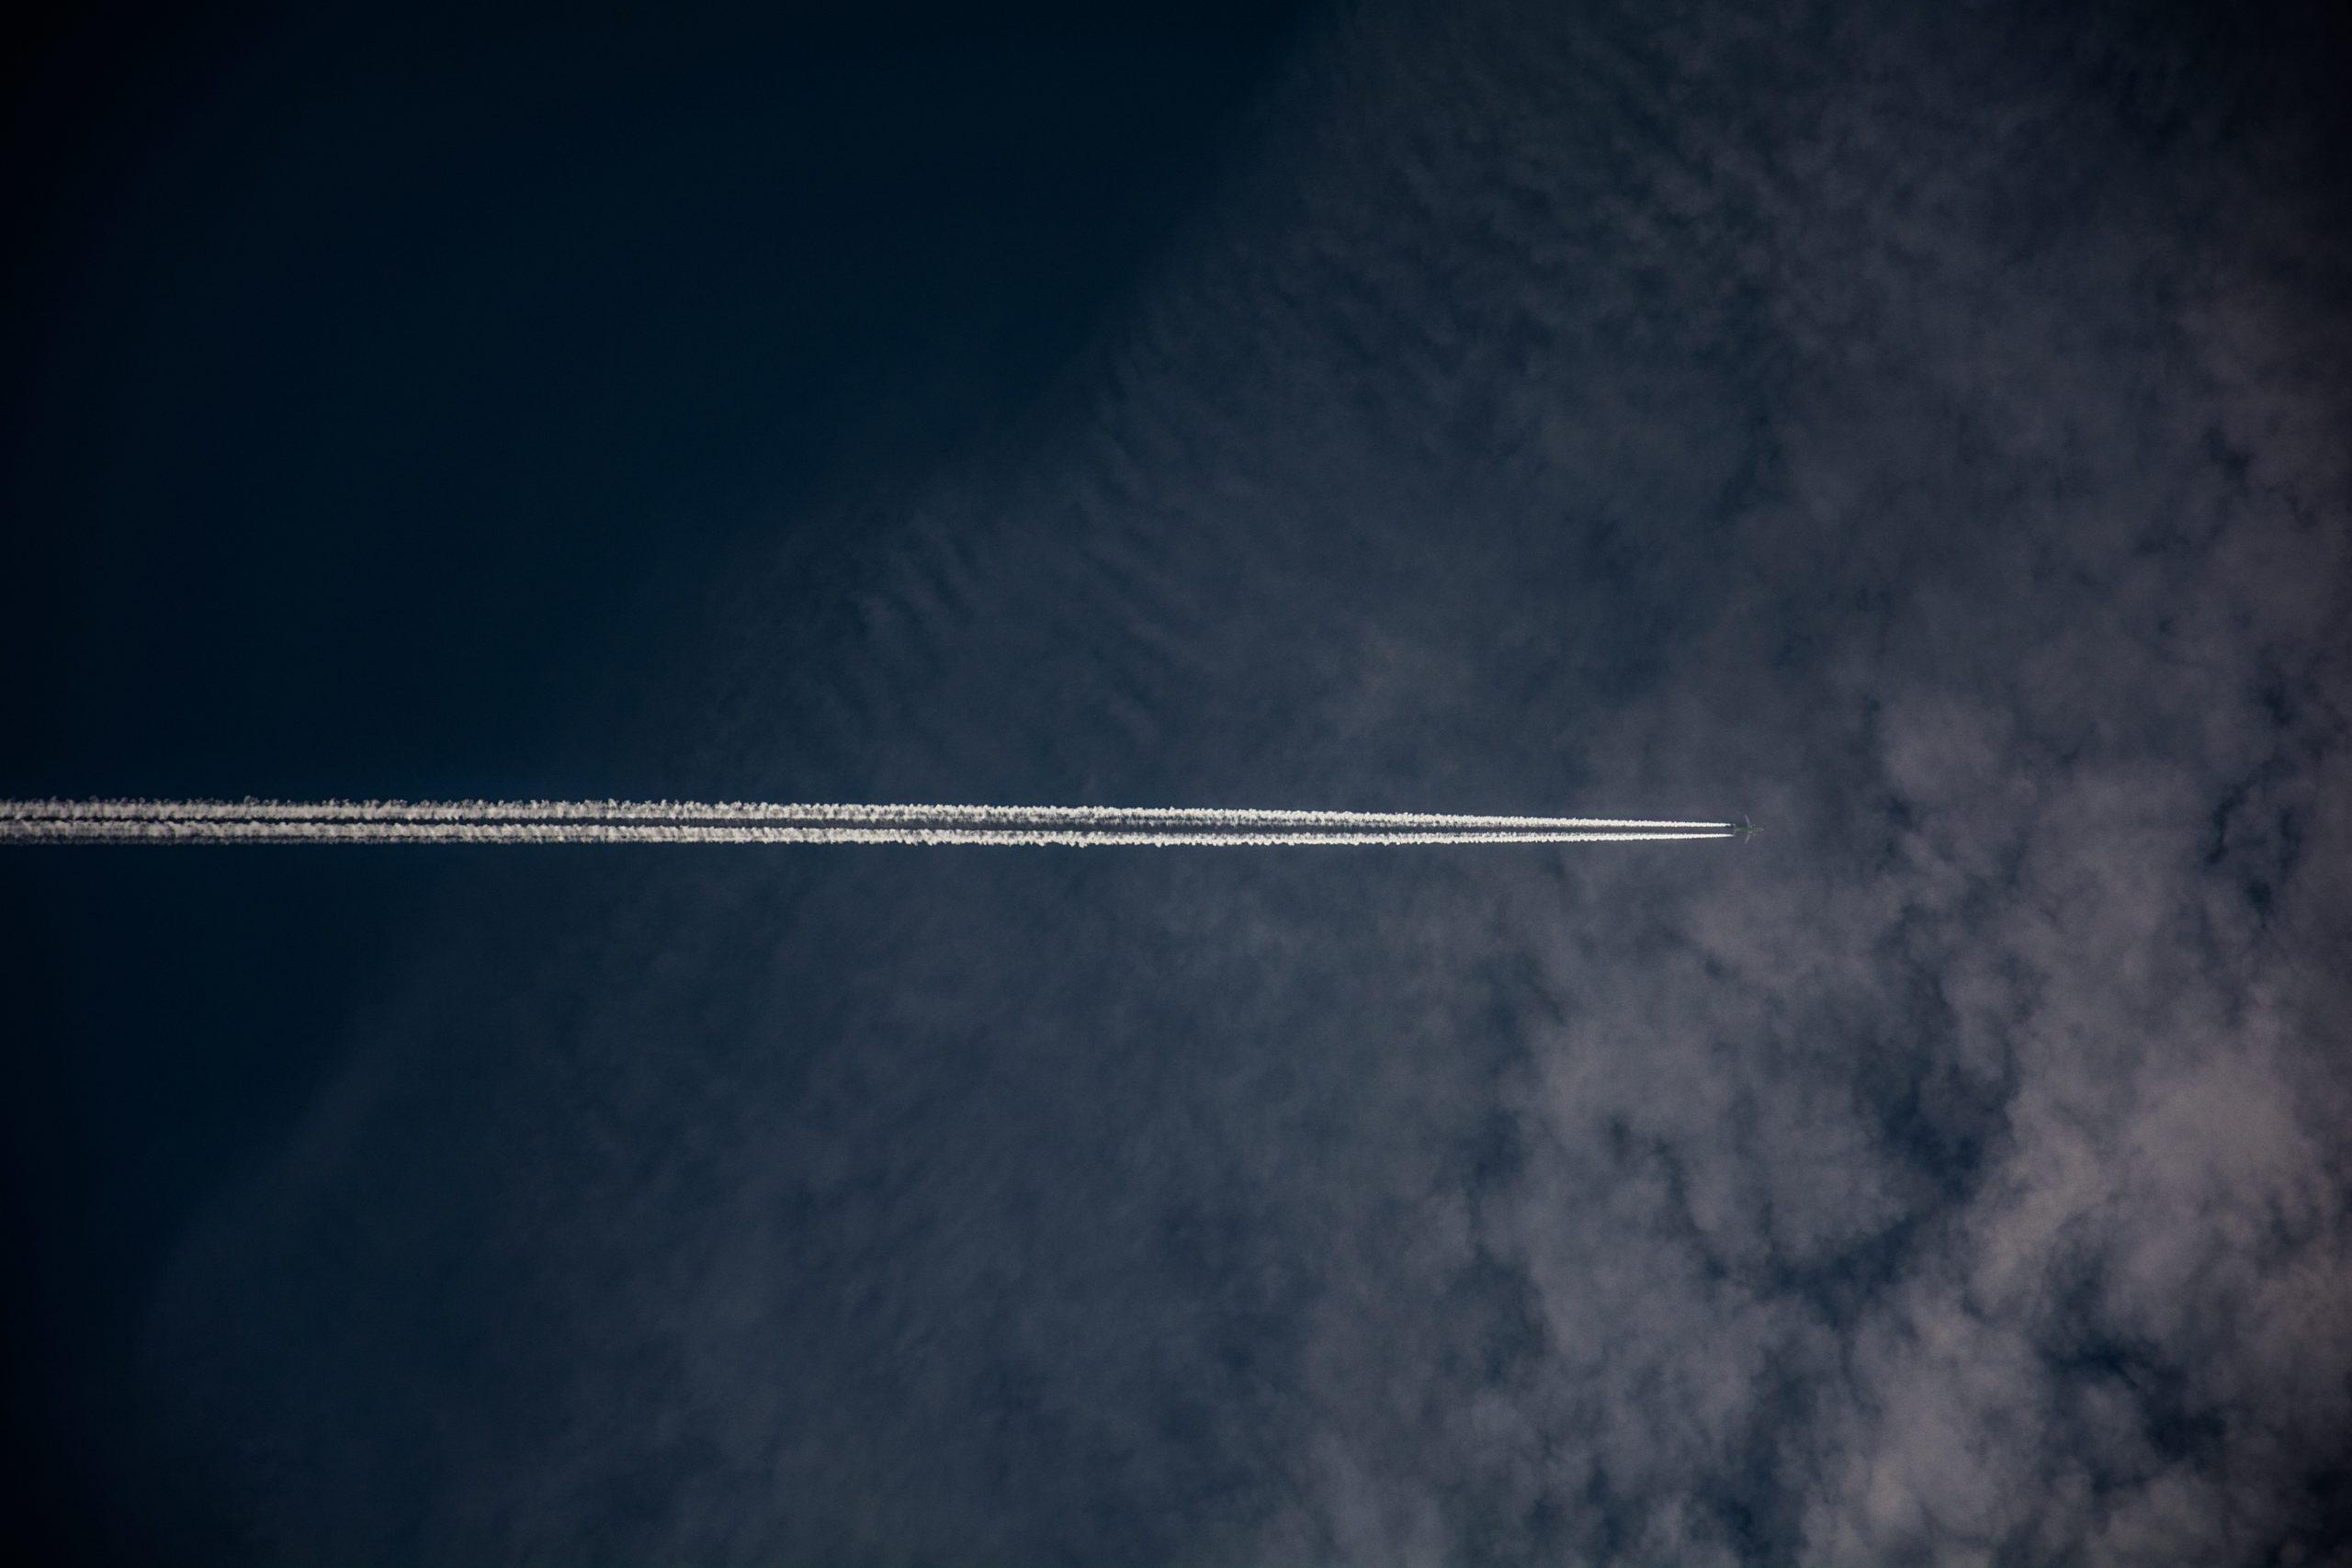 Transport aérien : il n'y a pas que les émissions carbone qui menacent la planète